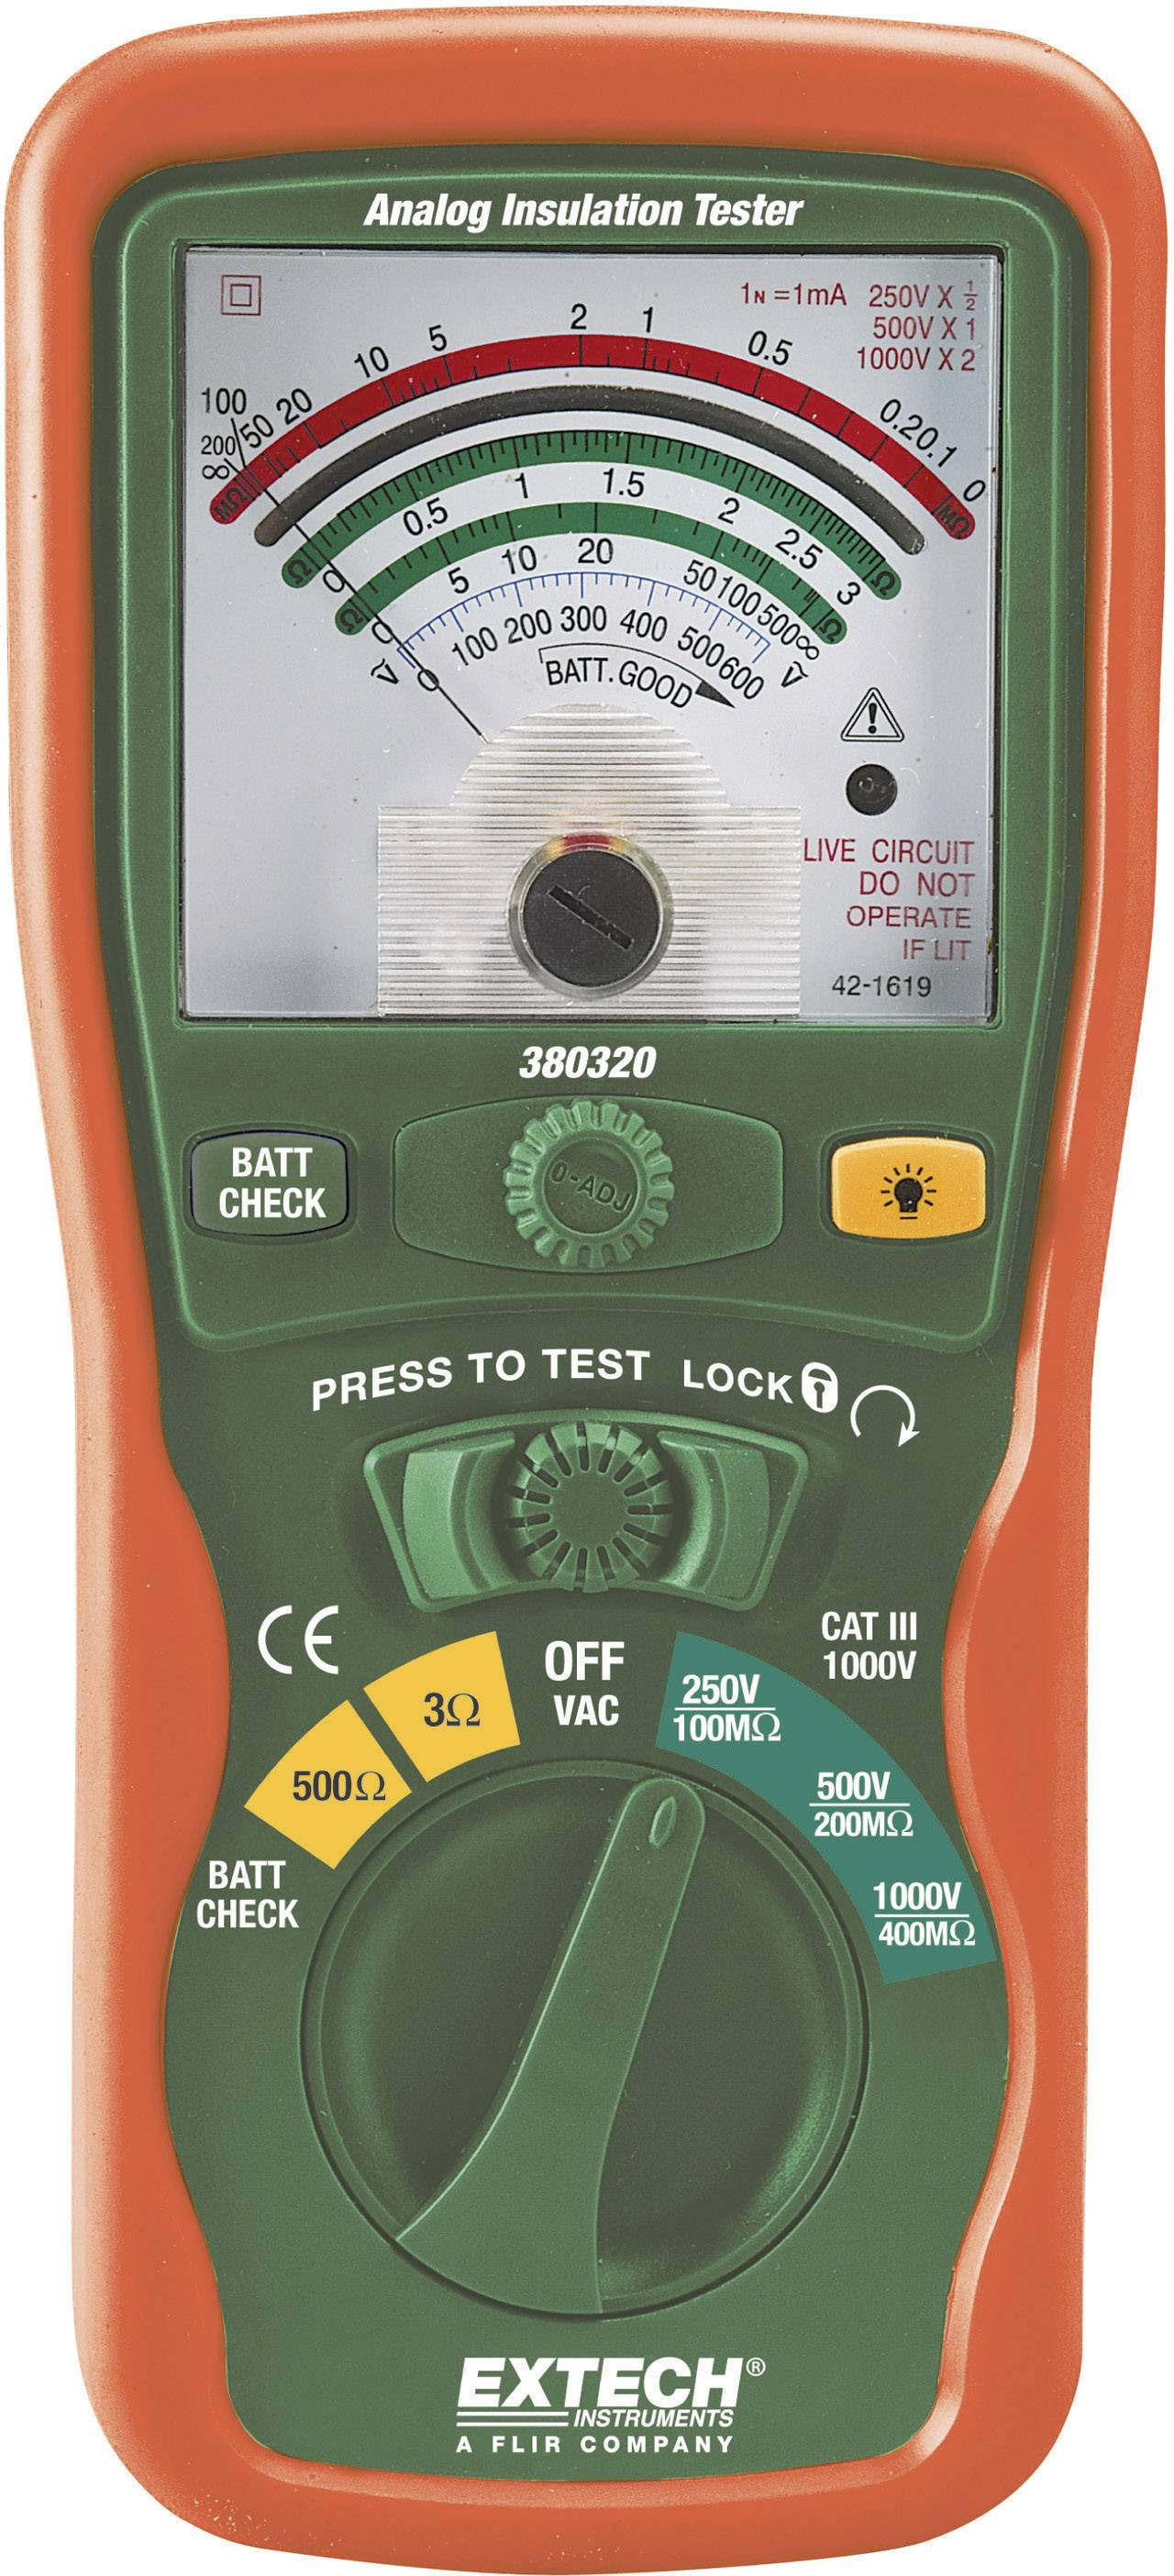 Merač izolačného odporu Extech 380320